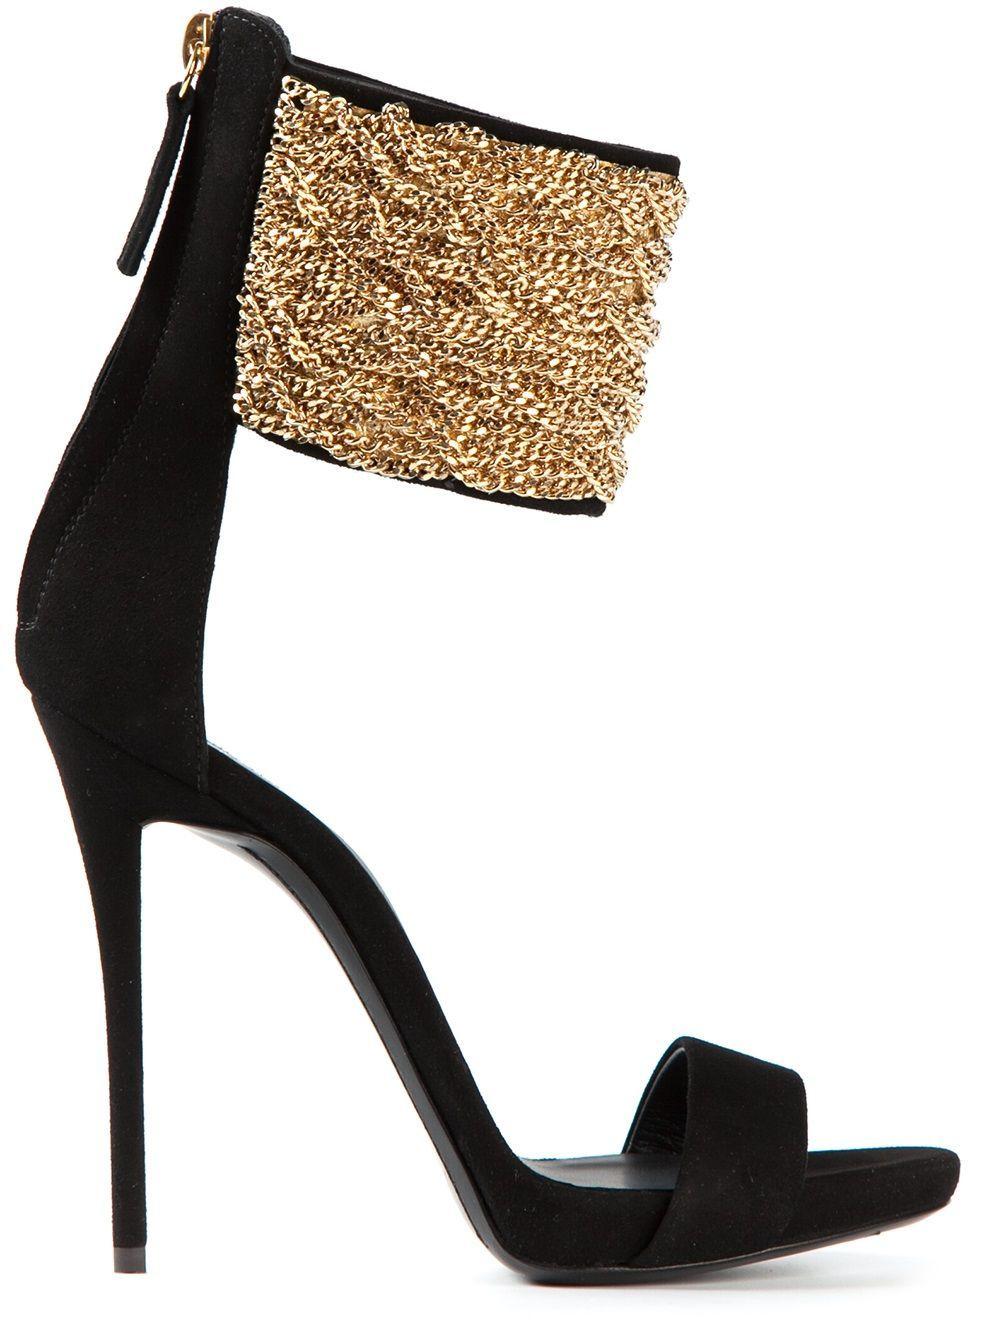 3b6941e49 Giuseppe Zanotti Design Chain Strap Stiletto Sandals - Biondini - Farfetch.com